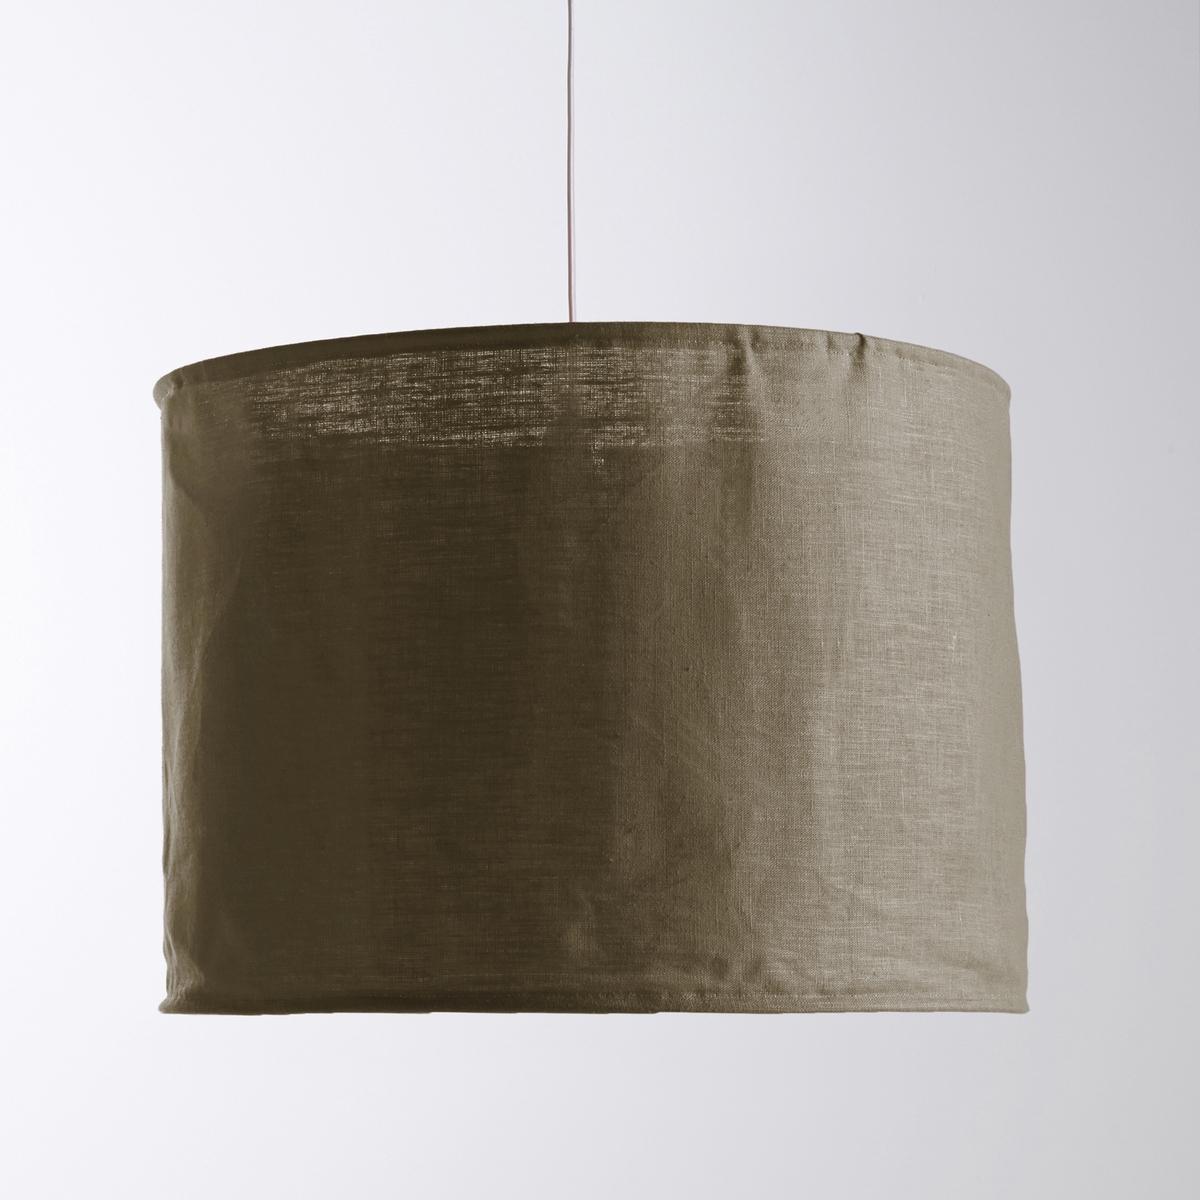 Светильник из жатого льна, ThadeОписание светильника Thade :НеэлектрифицированныйЦоколь E27 для лампы 60 Вт максимум (продается отдельно)Характеристики светильника Thade :Из жатого льна, жесткий каркас Всю коллекцию светильников вы можете найти на сайте laredoute.ru. Размер светильника из жатого льна Thade :Размер 1  :Диаметр : 40 смВысота : 33 см<br><br>Цвет: серо-коричневый,серый жемчужный,фиолетовый,экрю